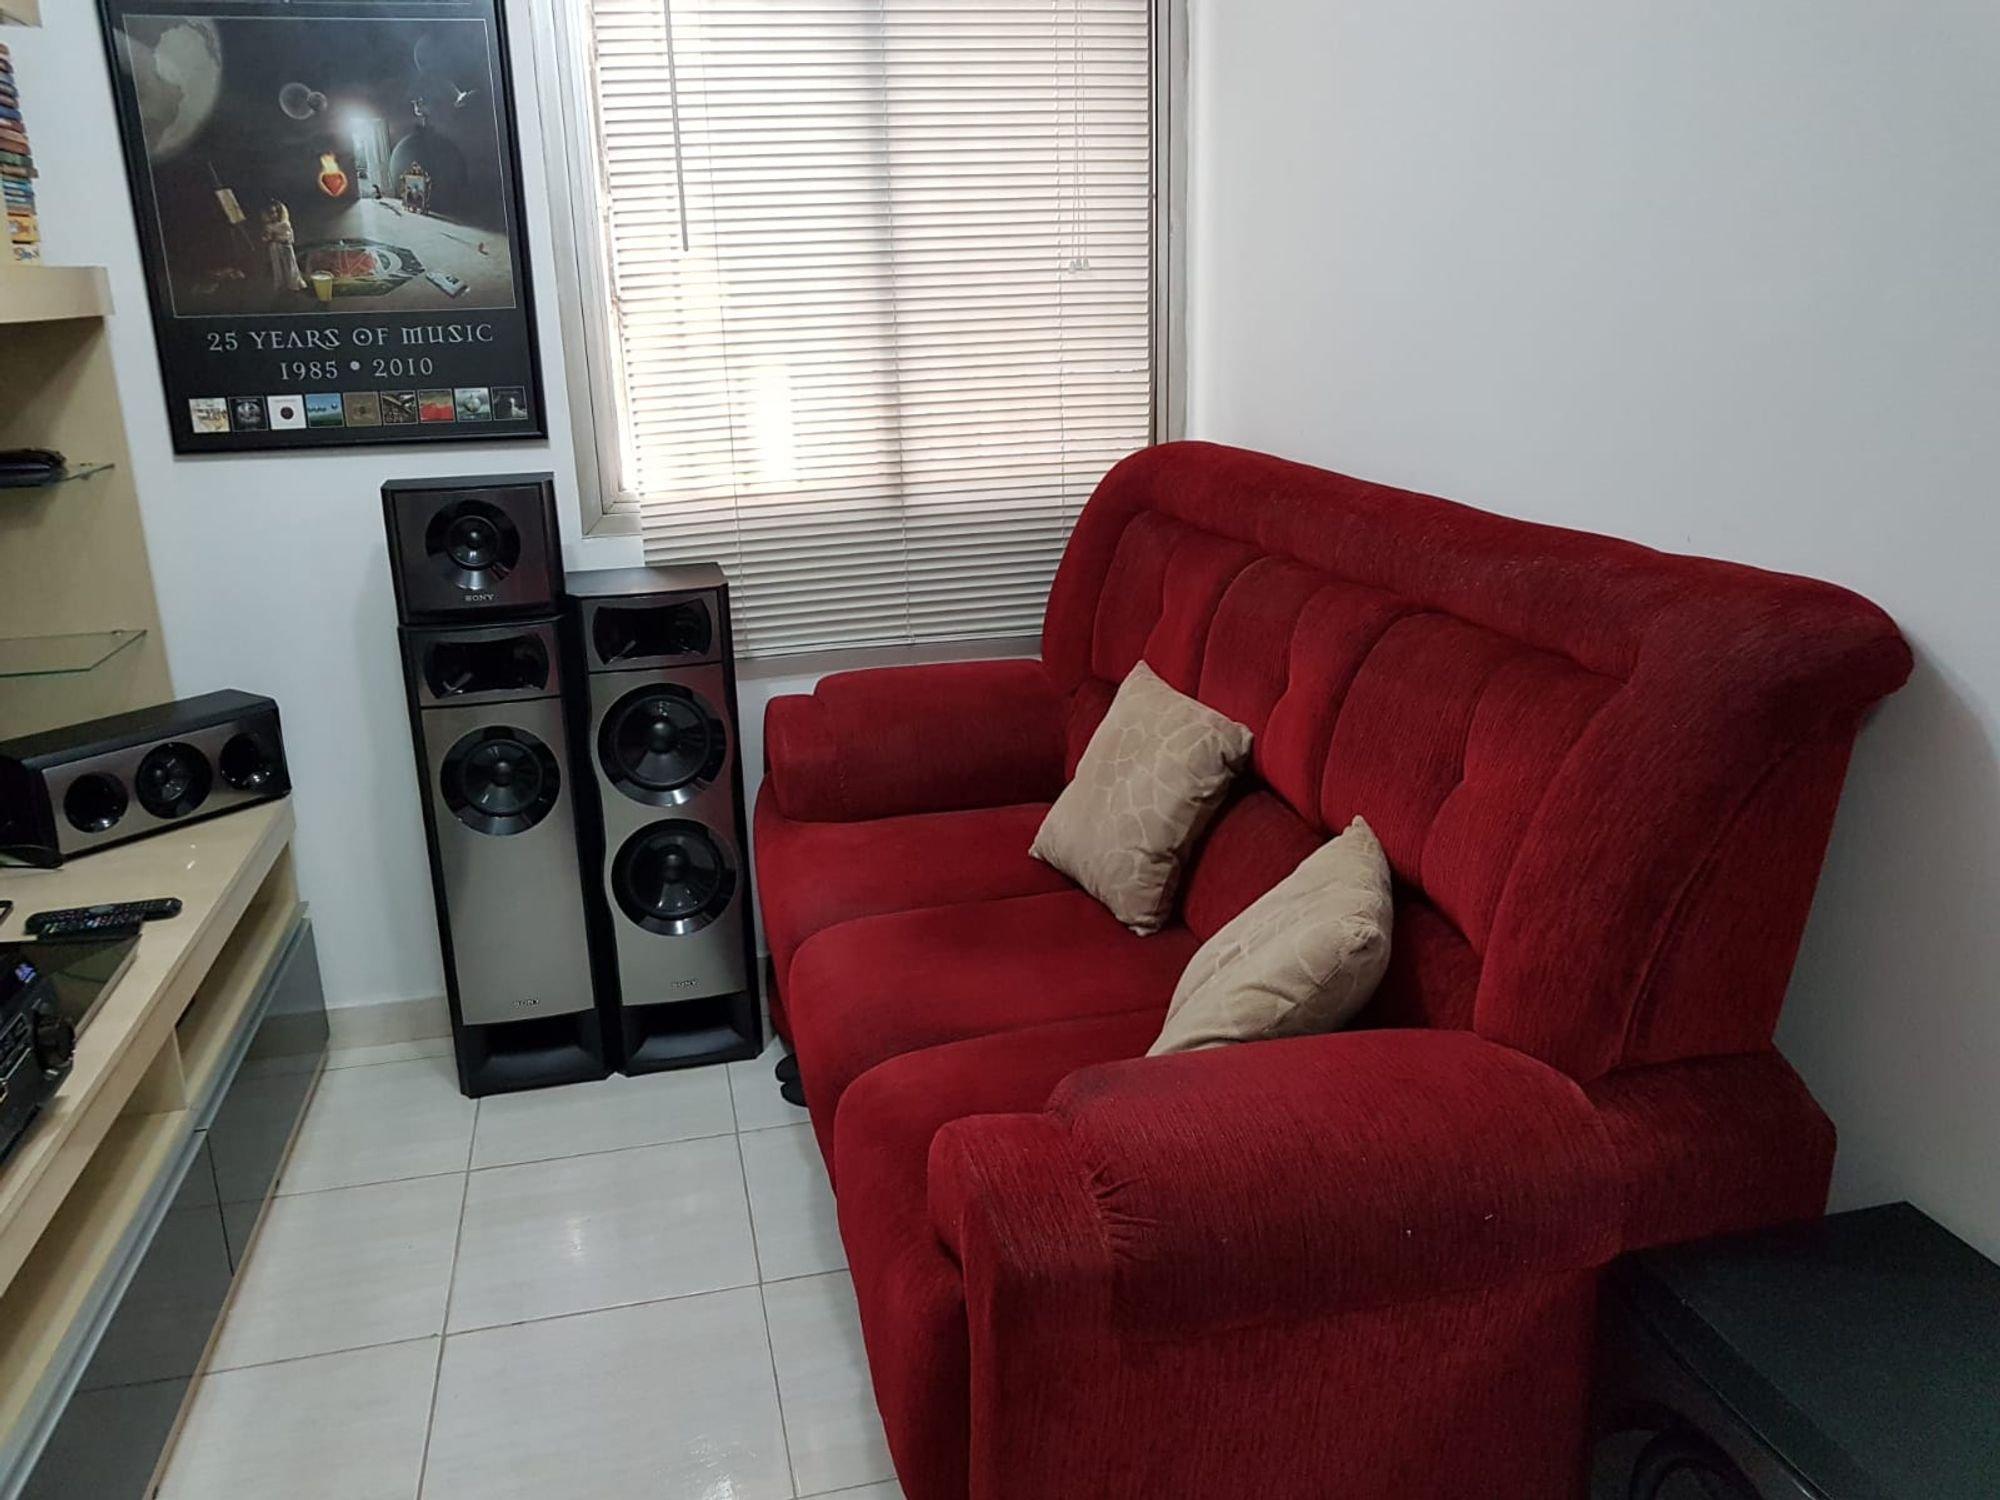 Foto de Sala com forno, sofá